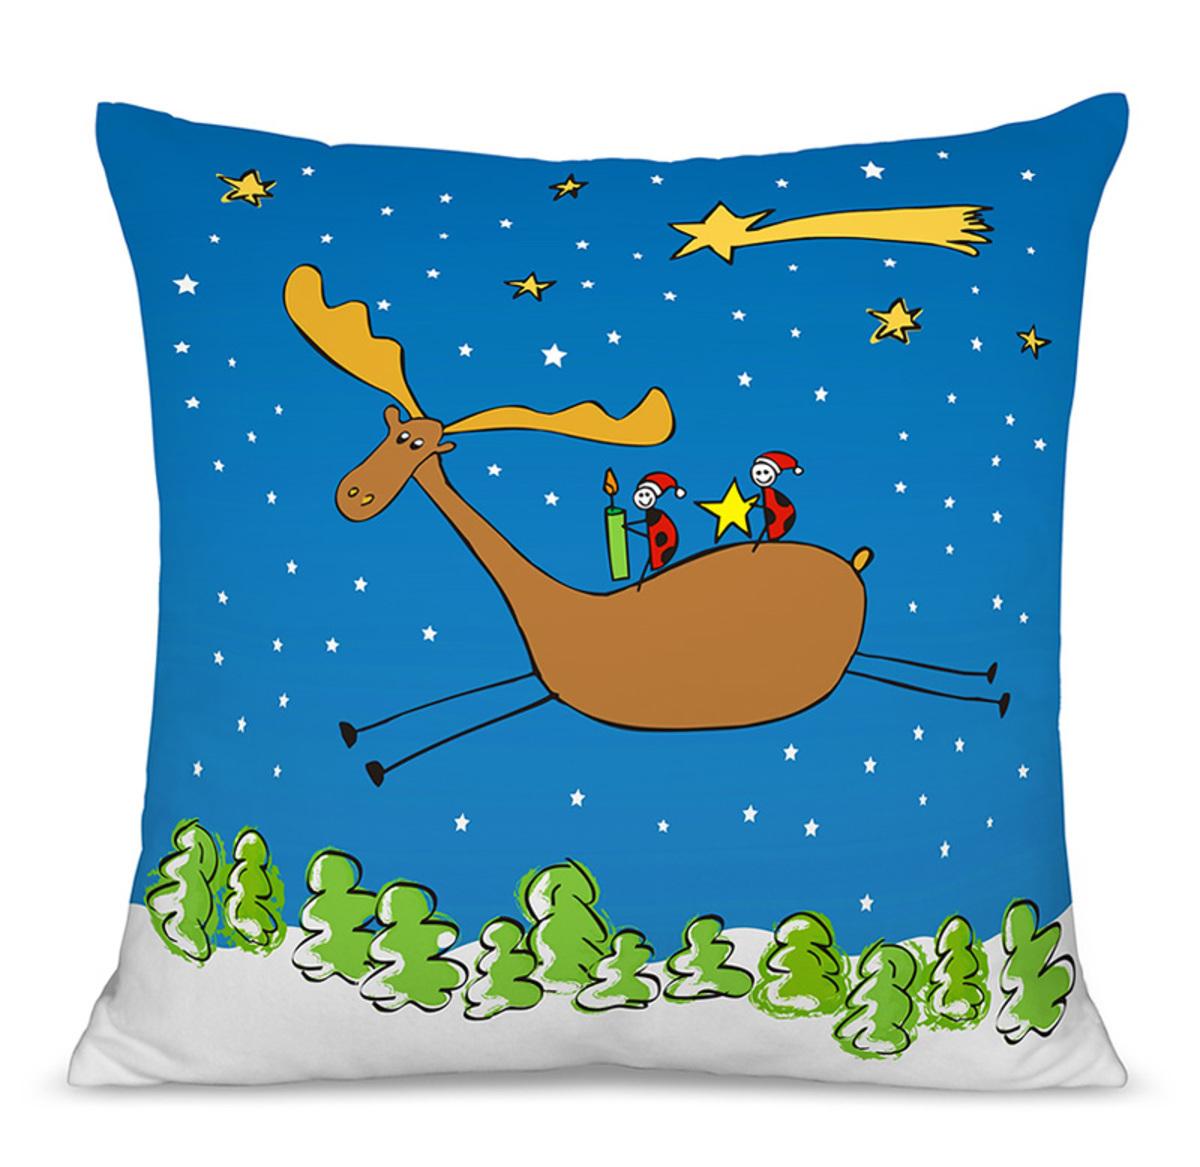 Vianočný detský vankúšik 07 40x40 cm poťah + výplň